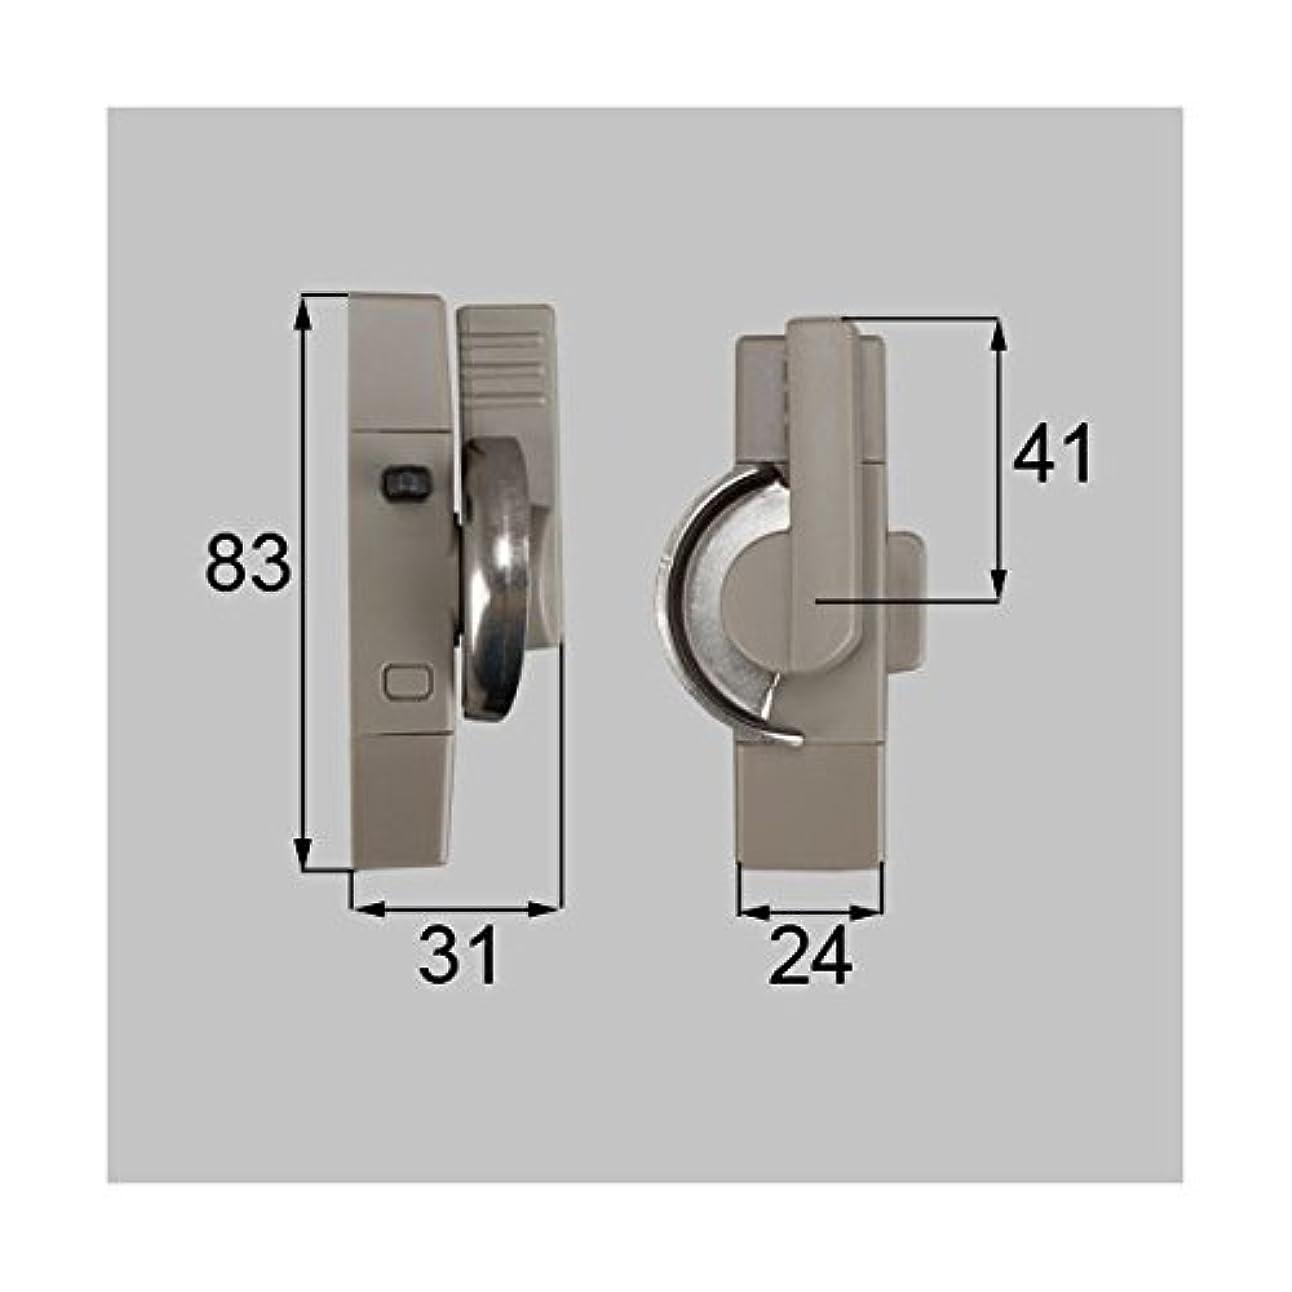 火山学誰の酔ってLIXIL 新日軽 引違い窓 錠 クレセント 8AKEY73R *製品色?形状等仕様変更になる場合があります*